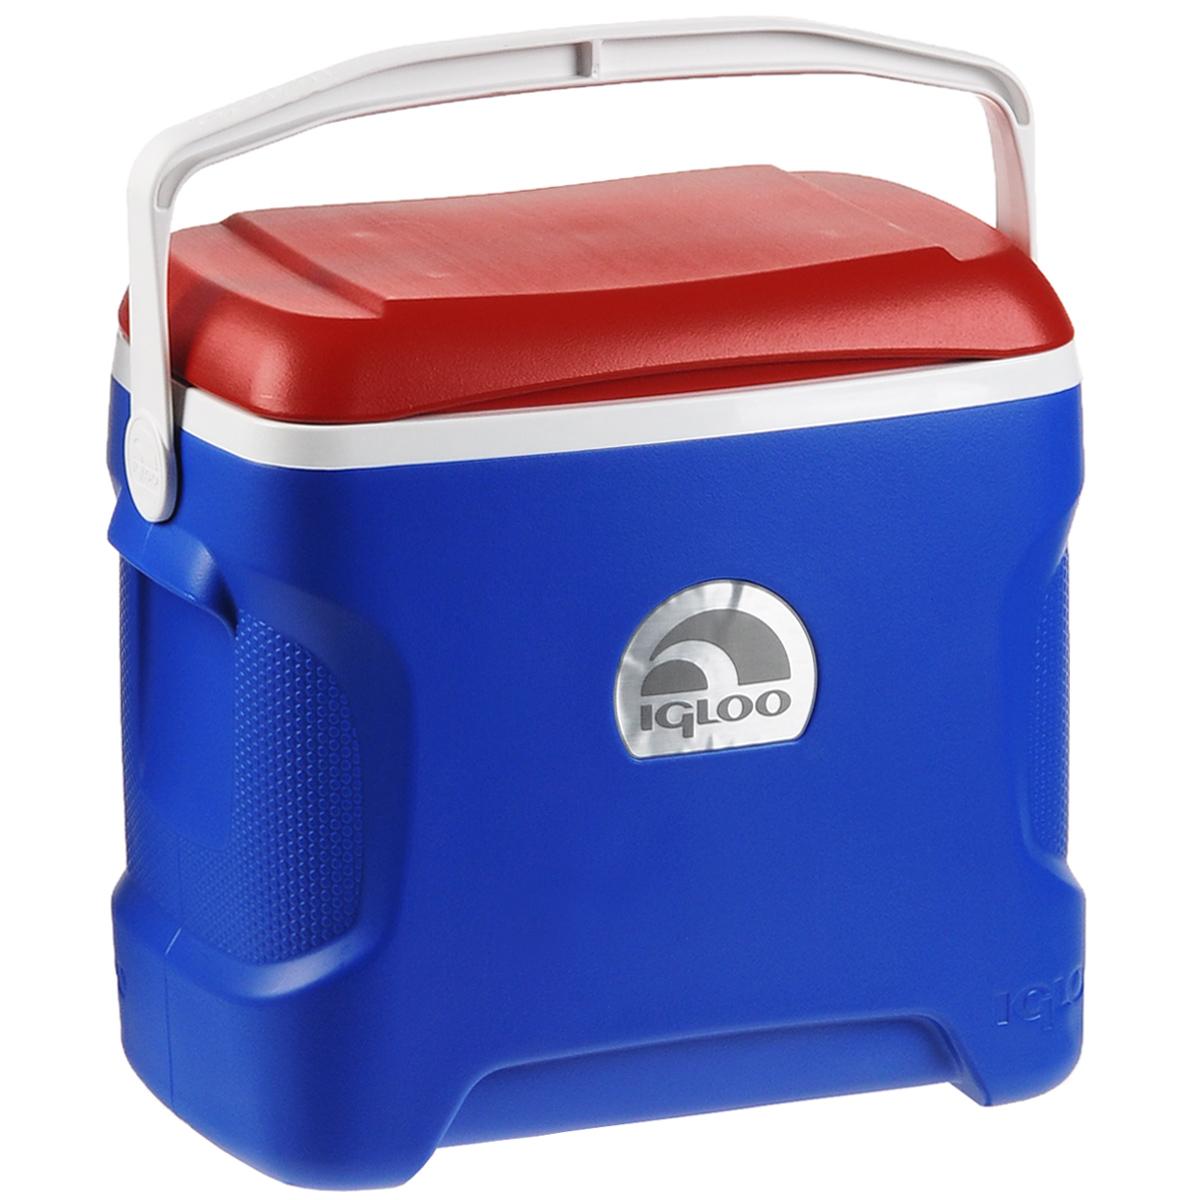 Изотермический контейнер Igloo Contour, цвет: синий, белый, красный, 28 л19201Легкий и прочный изотермический контейнер Igloo Contour, изготовленный из высококачественного пластика, предназначен для транспортировки и хранения продуктов и напитков. Корпус эргономичного дизайна, ударопрочный. Поддержание внутреннего микроклимата обеспечивается за счет термоизоляционной прокладки из пены Ultra Therm, способной удерживать температуру внутри корпуса до 24 часов. Для поддержания температуры использовать с аккумуляторами холода. Контейнер имеет усиленную ручку и широко открывающуюся крышку для легкого доступа к продуктам. Крышка плотно и герметично закрывается. Такой контейнер можно взять с собой куда угодно: на отдых, пикник, на дачу, катание на лодке. Размер: 46 см х 27 см х 43 см. Объем: 28 л.